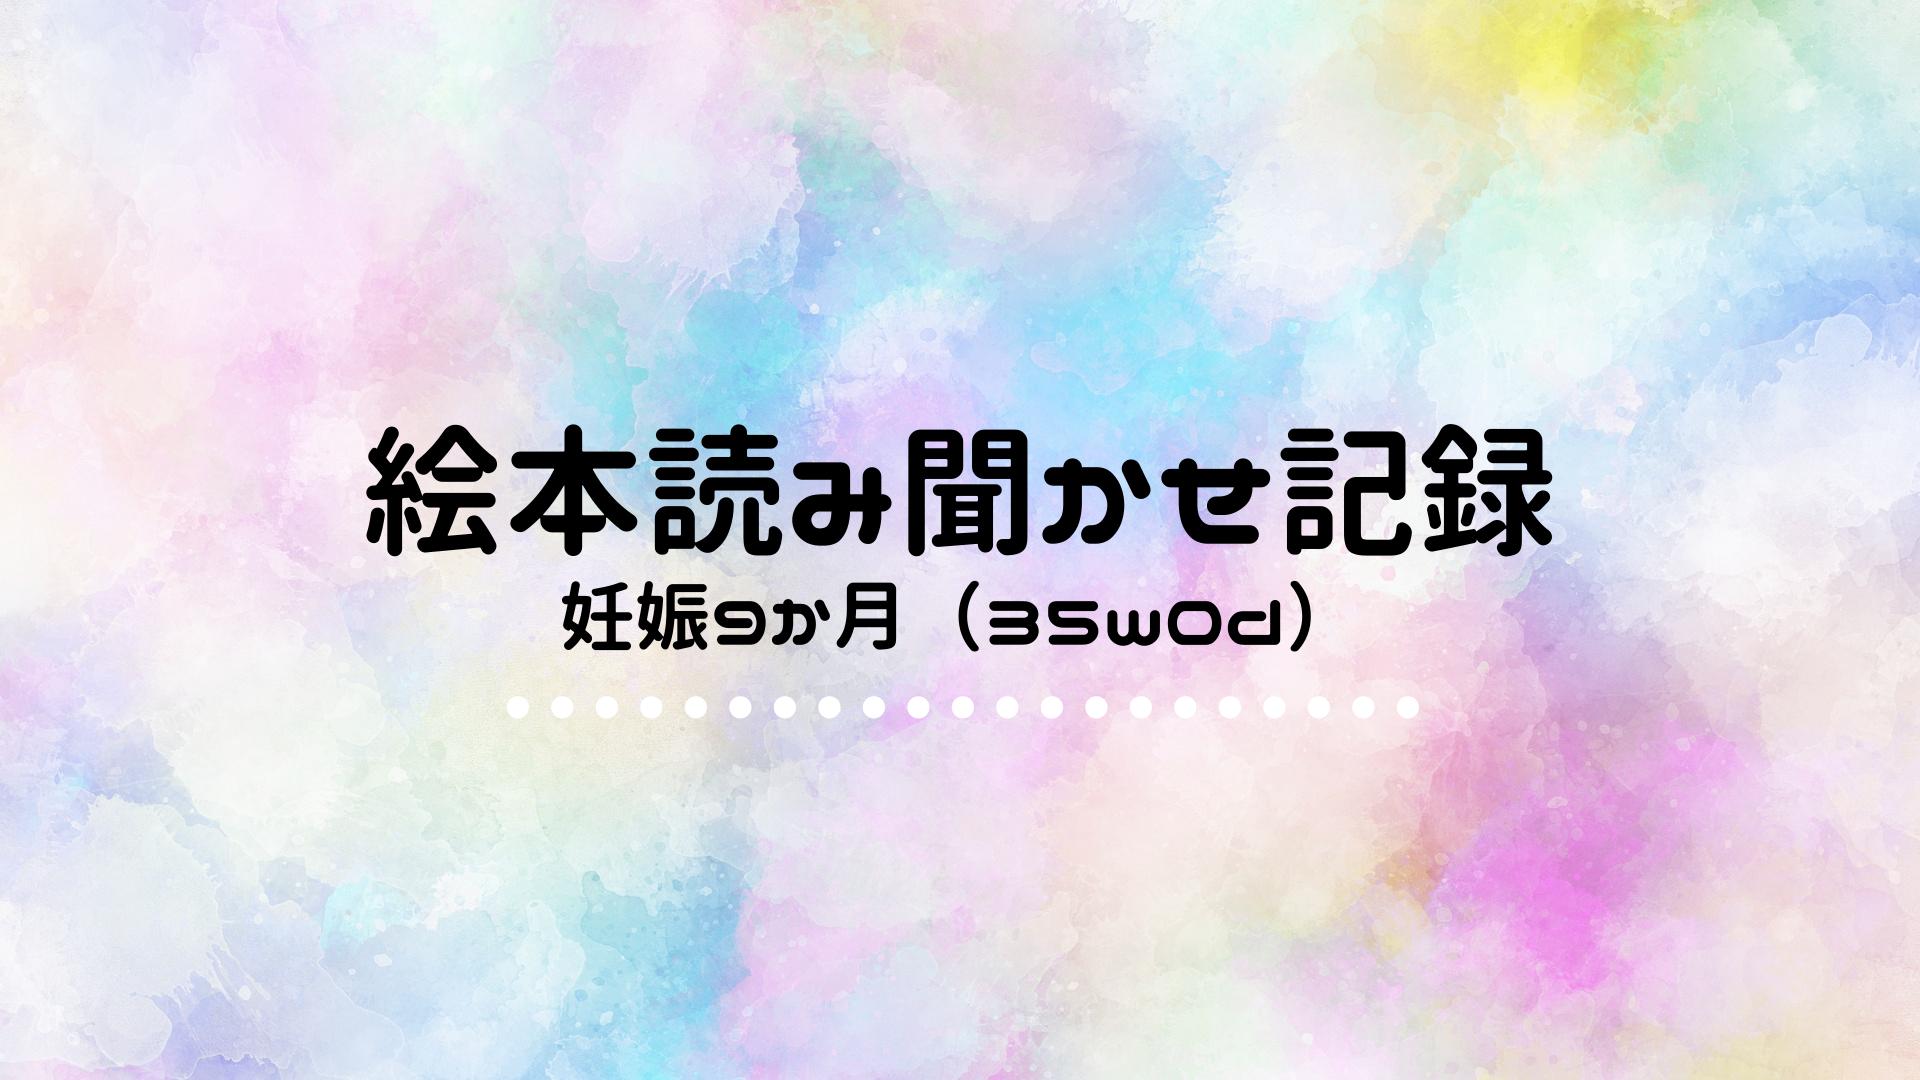 【絵本読み聞かせ記録】妊娠9か月(35w0d)